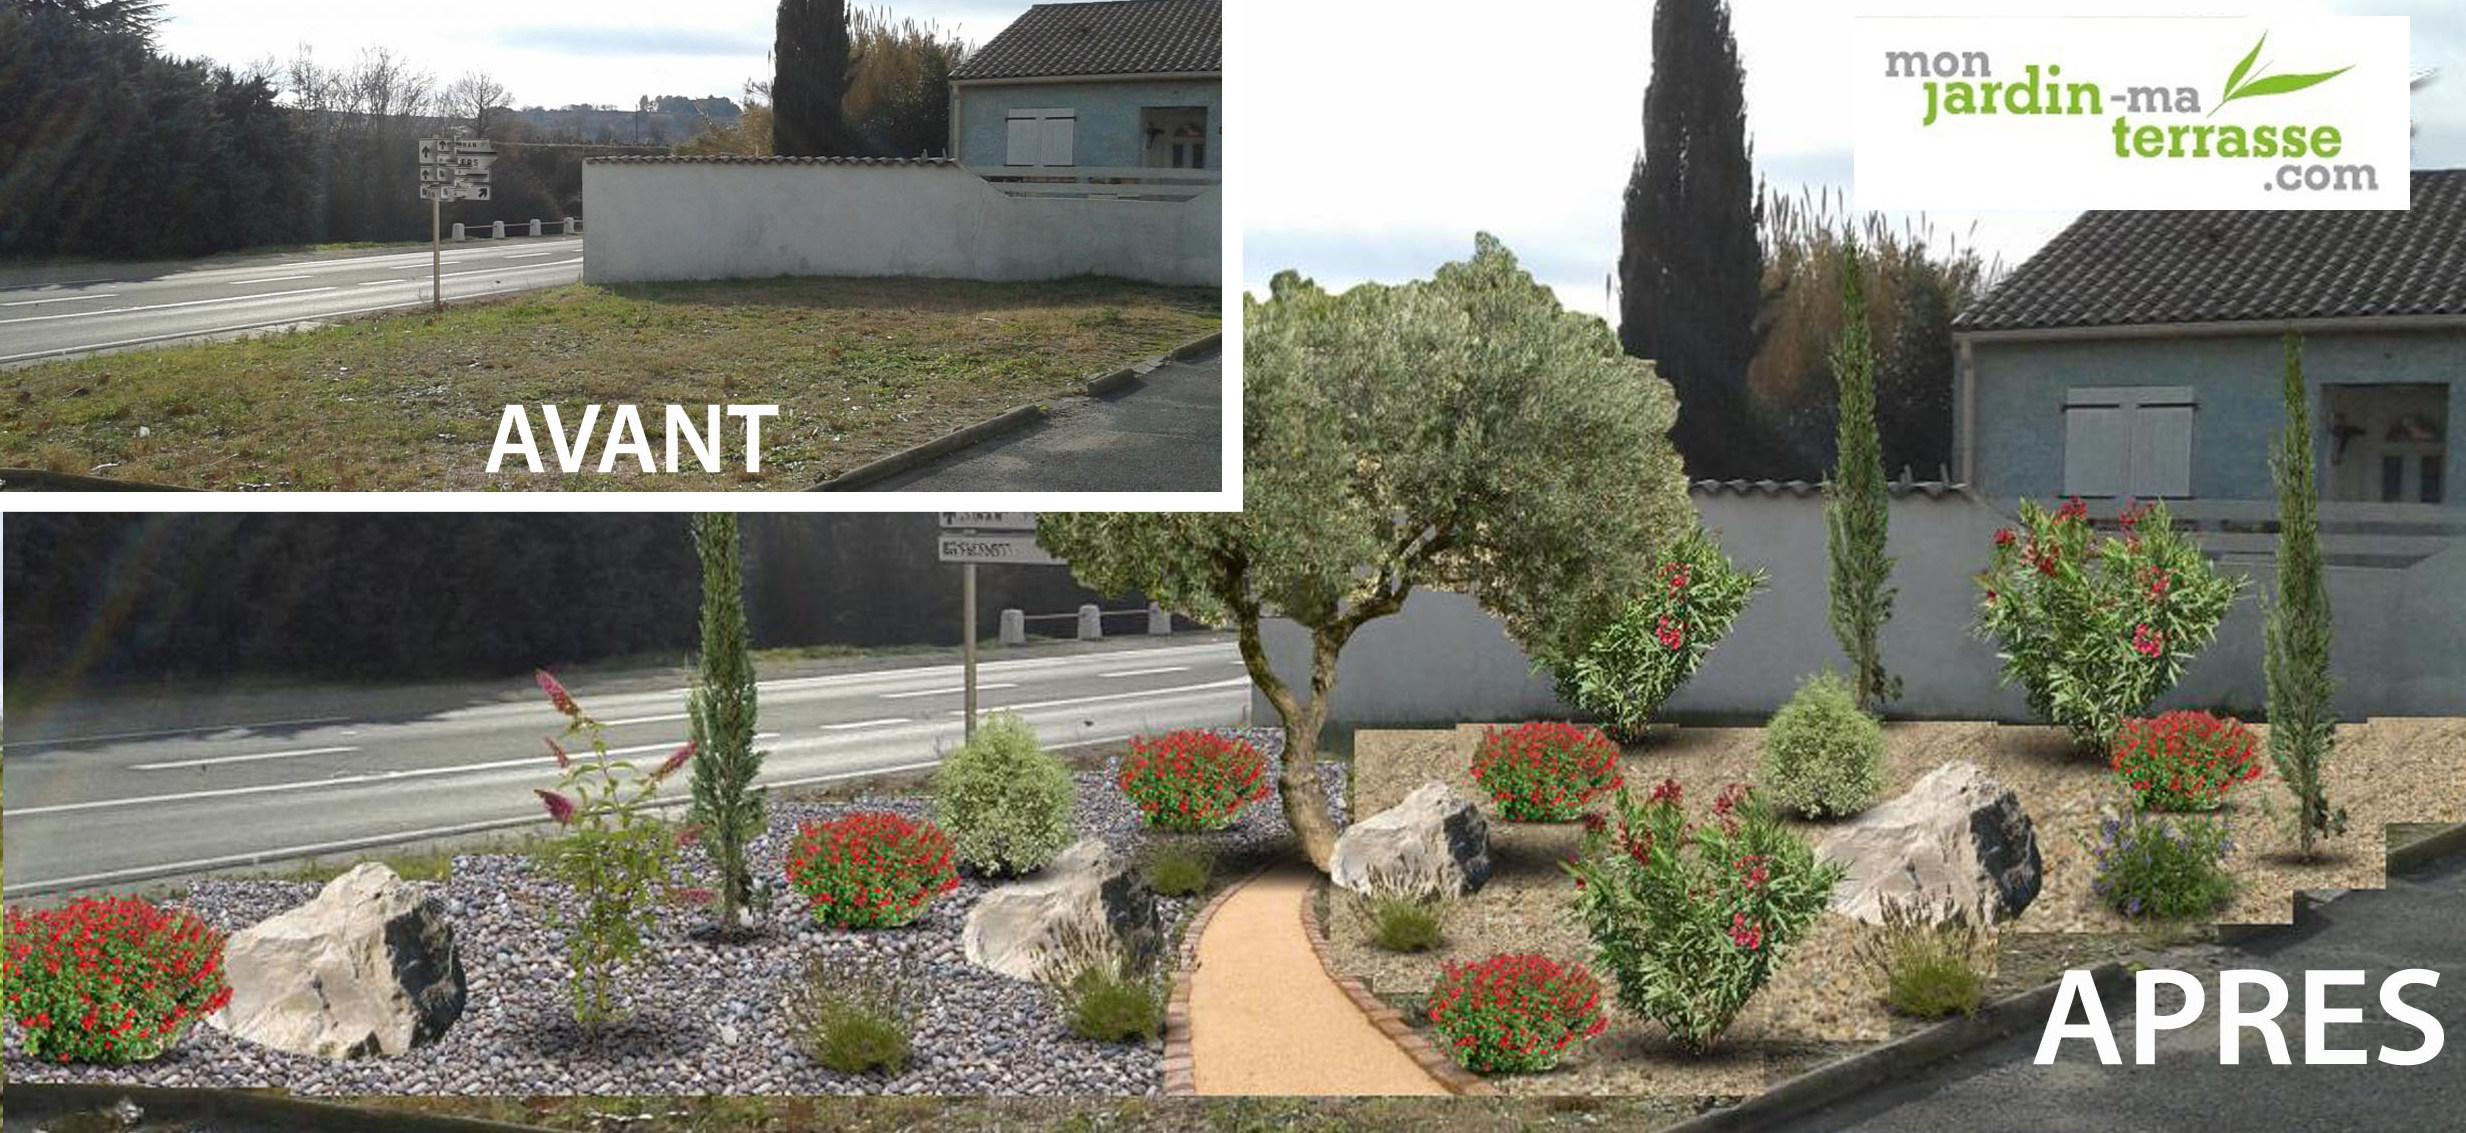 logiciel paysagiste en ligne pour aménagements paysagers urbains